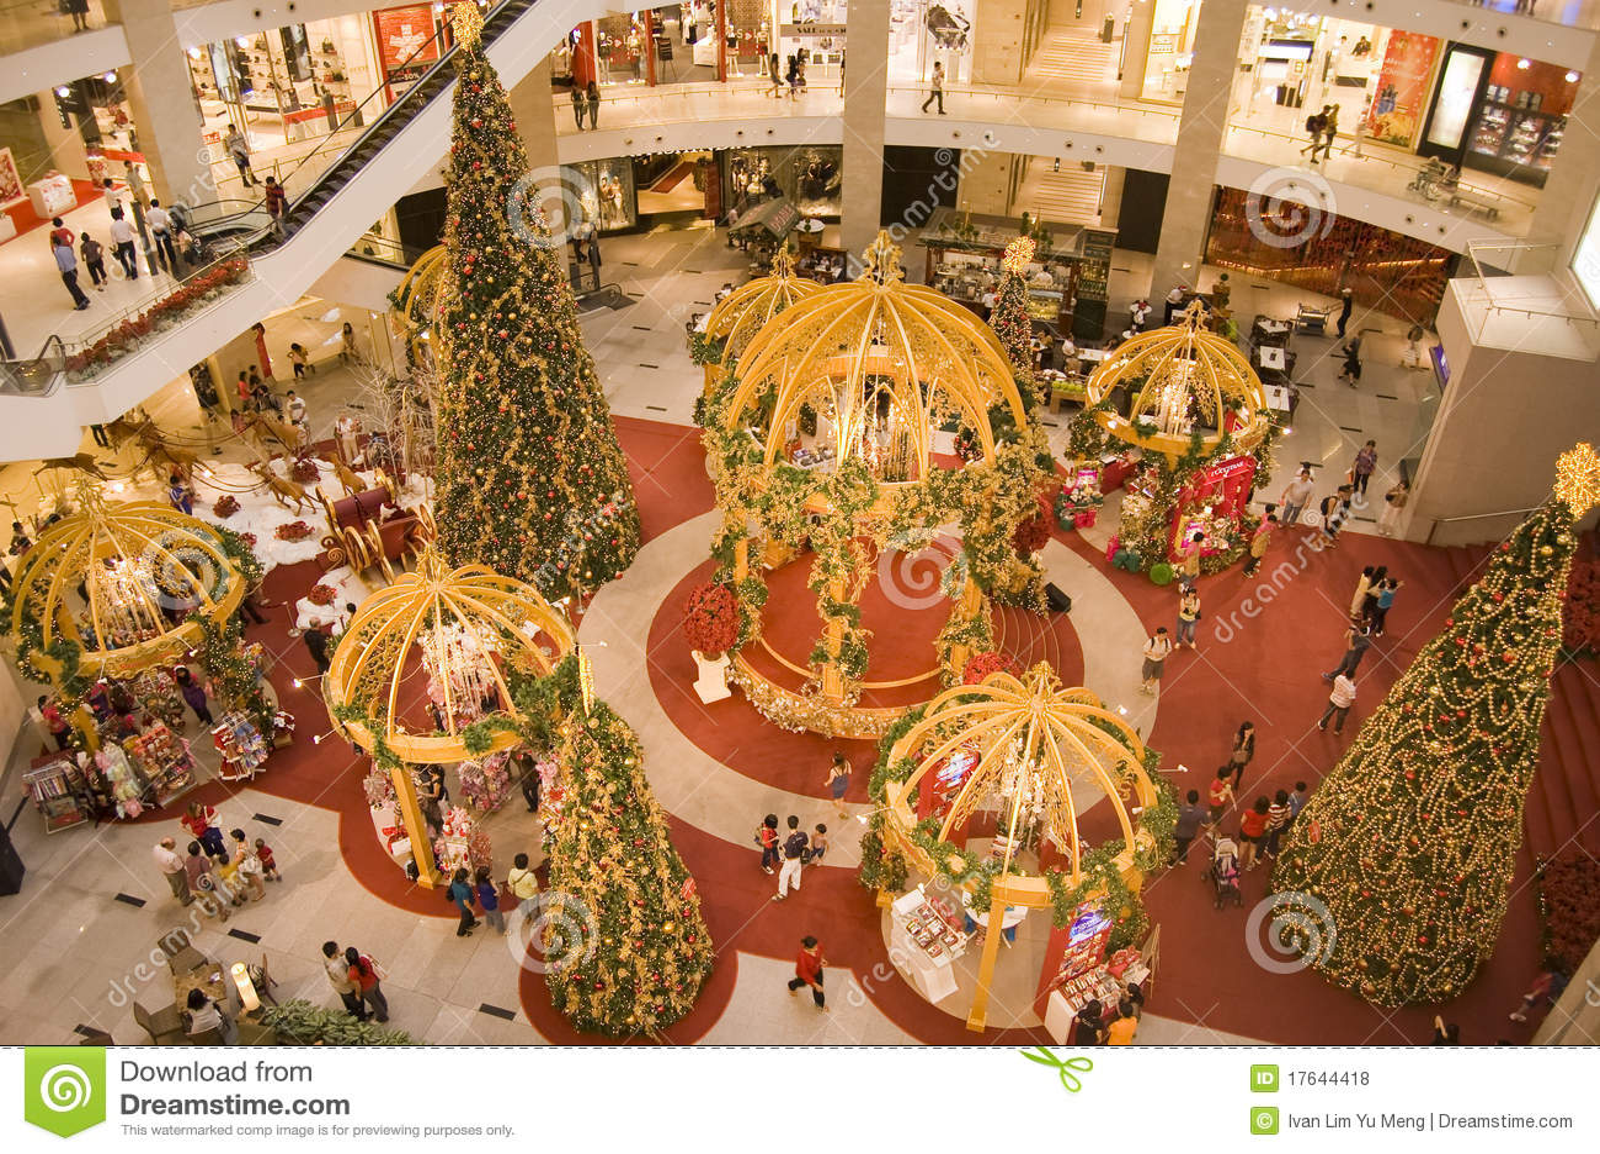 La decoraci n de la navidad en el centro comercial del - Decoracion navidena para comercios ...